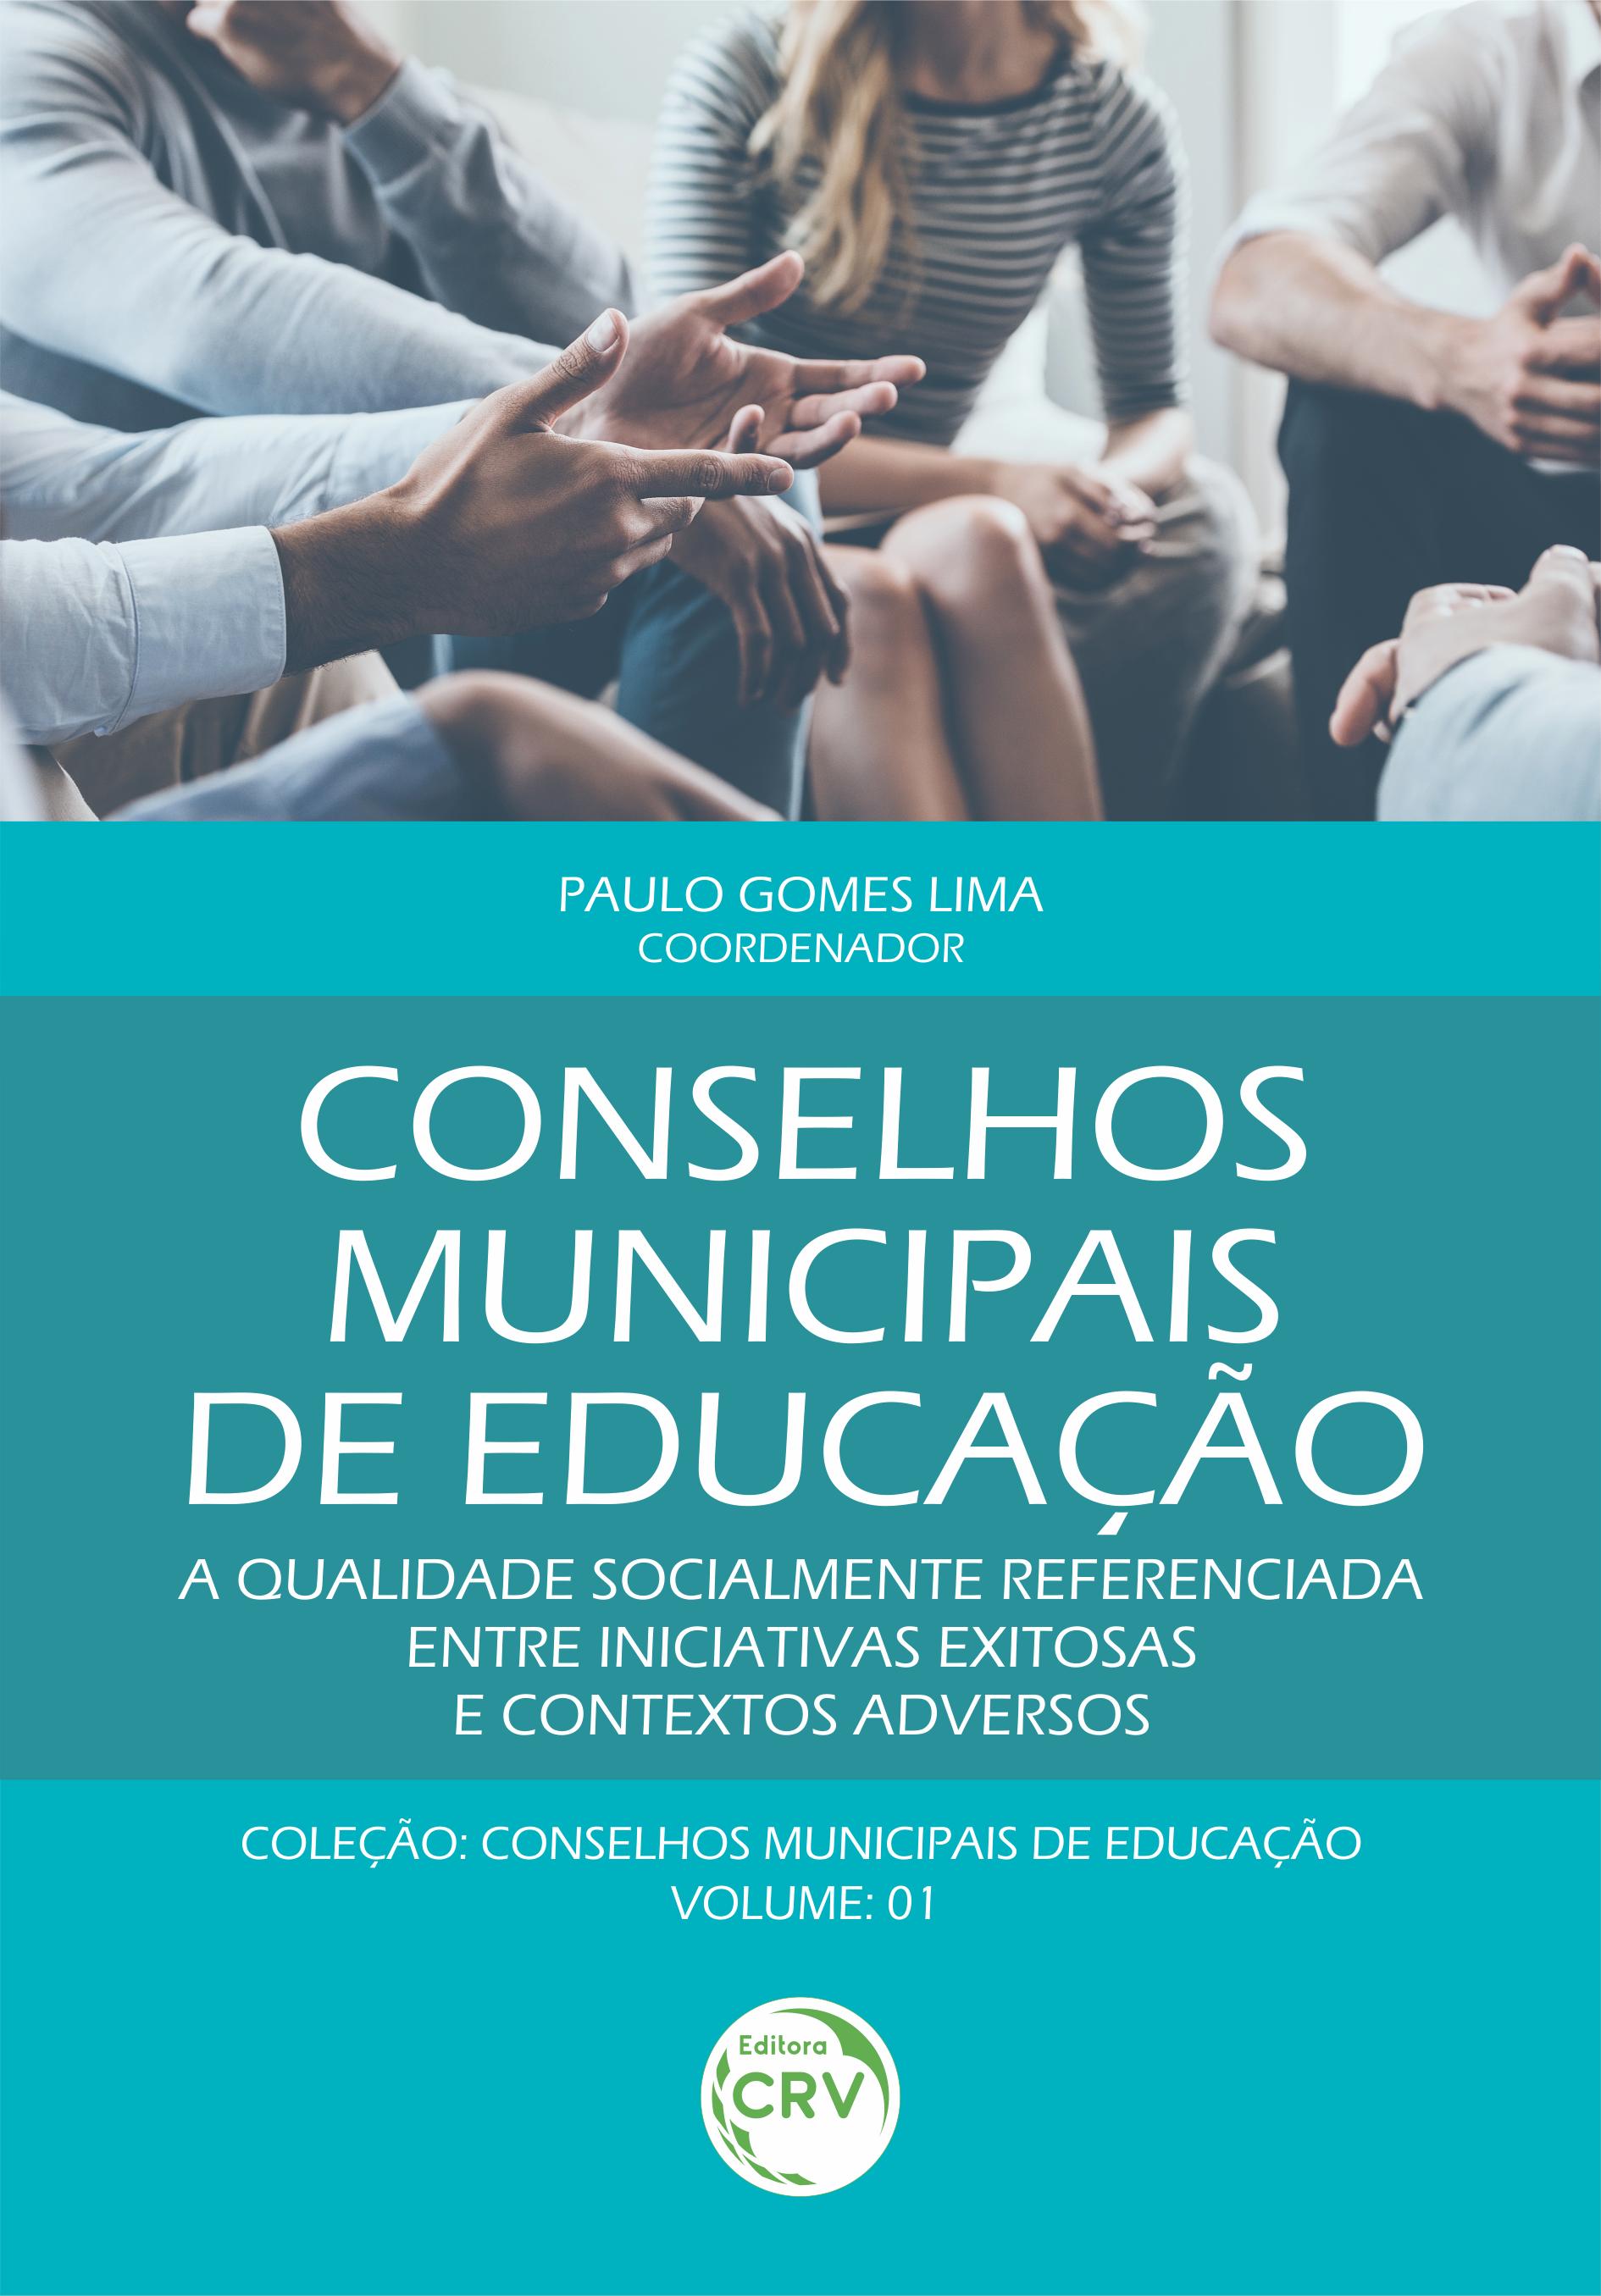 Capa do livro: CONSELHOS MUNICIPAIS DE EDUCAÇÃO: <br>a qualidade socialmente referenciada entre iniciativas exitosas e contextos adversos <br>Coleção Conselhos municipais de educação - Volume 1